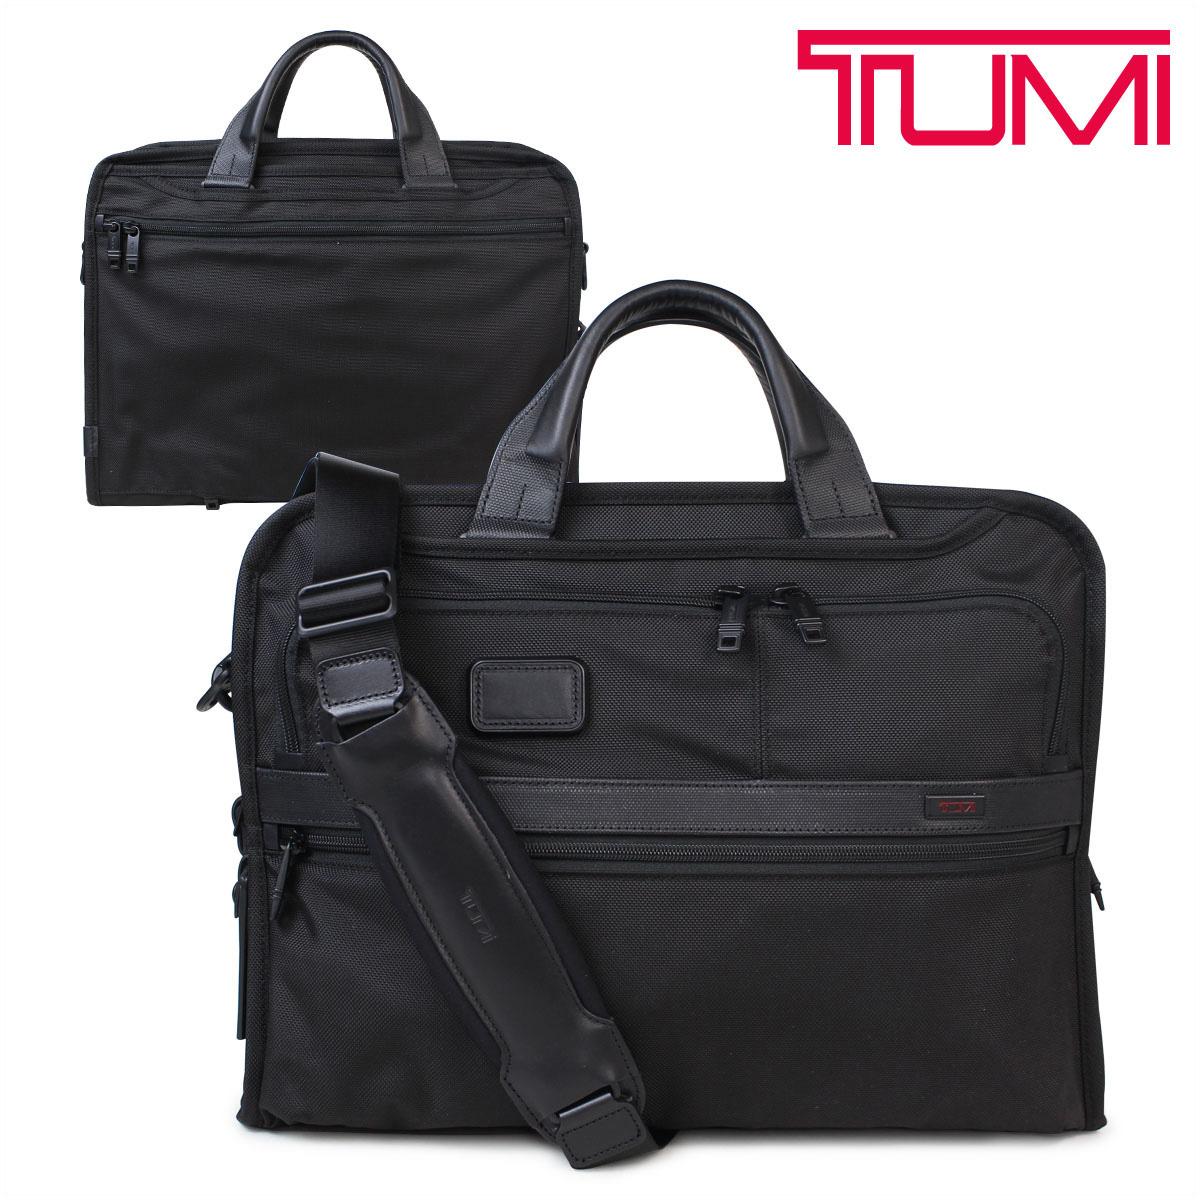 TUMI ORGANIZER PORTFOLIO BRIEF トゥミ ビジネス バッグ メンズ ALPHA2 ブリーフケース 026108D2 [185]